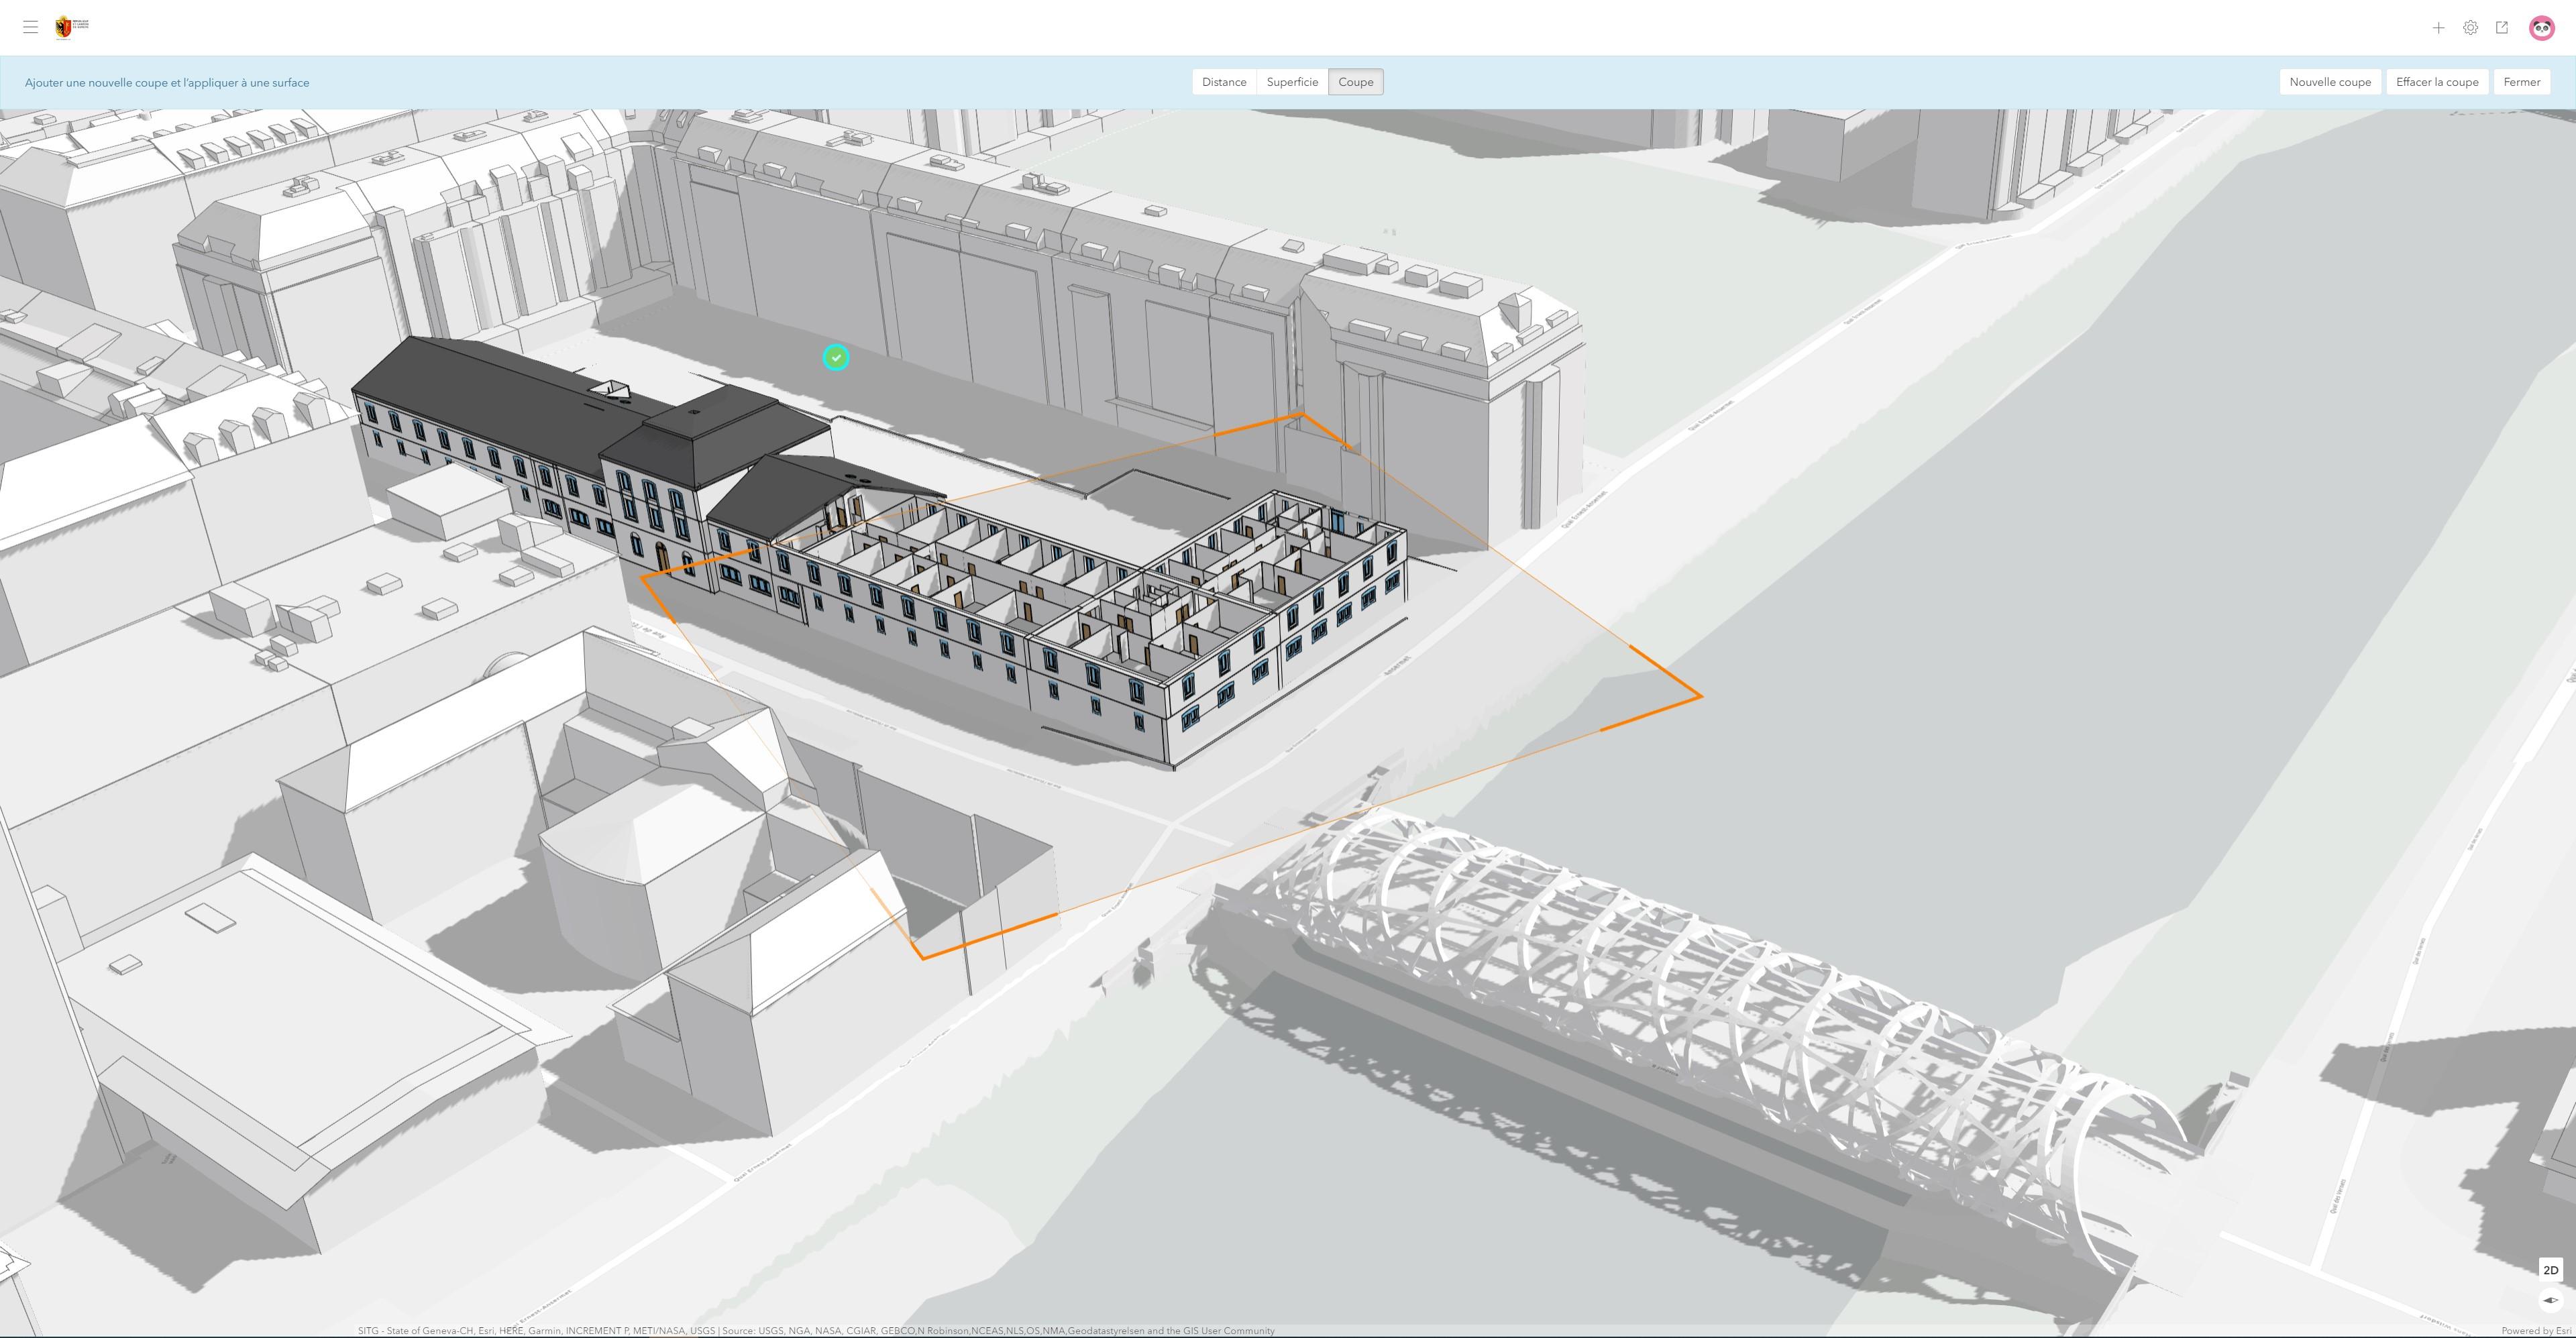 Rys. 1. Szczegółowy model mostu i starożytnego budynku Arsenału zwizualizowany w ArcGIS Urban.